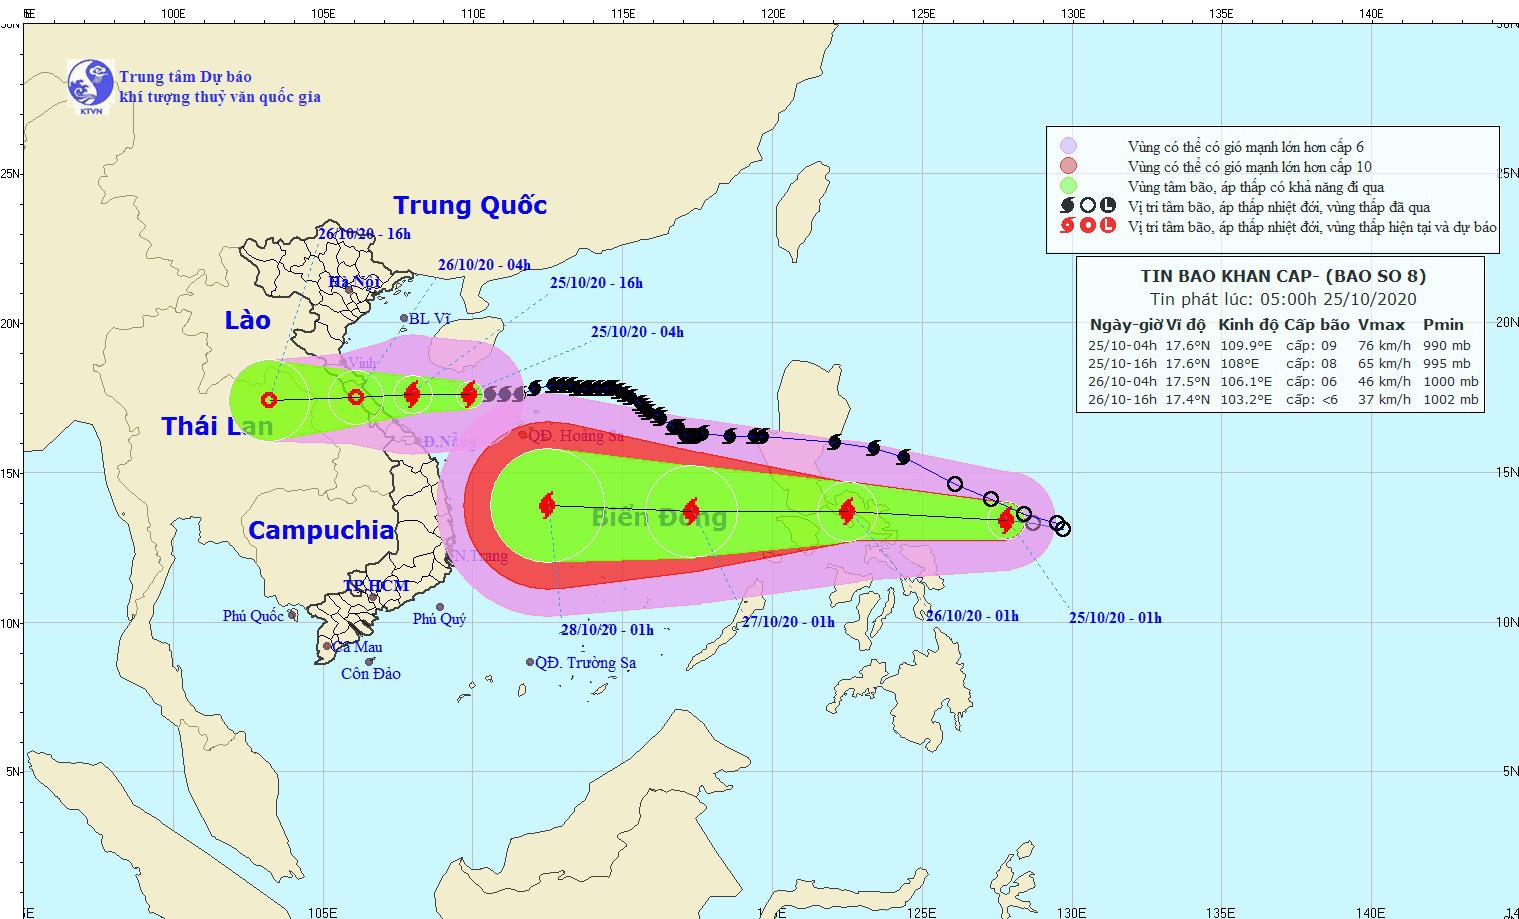 Bão số 8 tiến thẳng Hà Tĩnh - Quảng Trị, lại xuất hiện thêm bão Molave, nguy cơ bão chồng bão